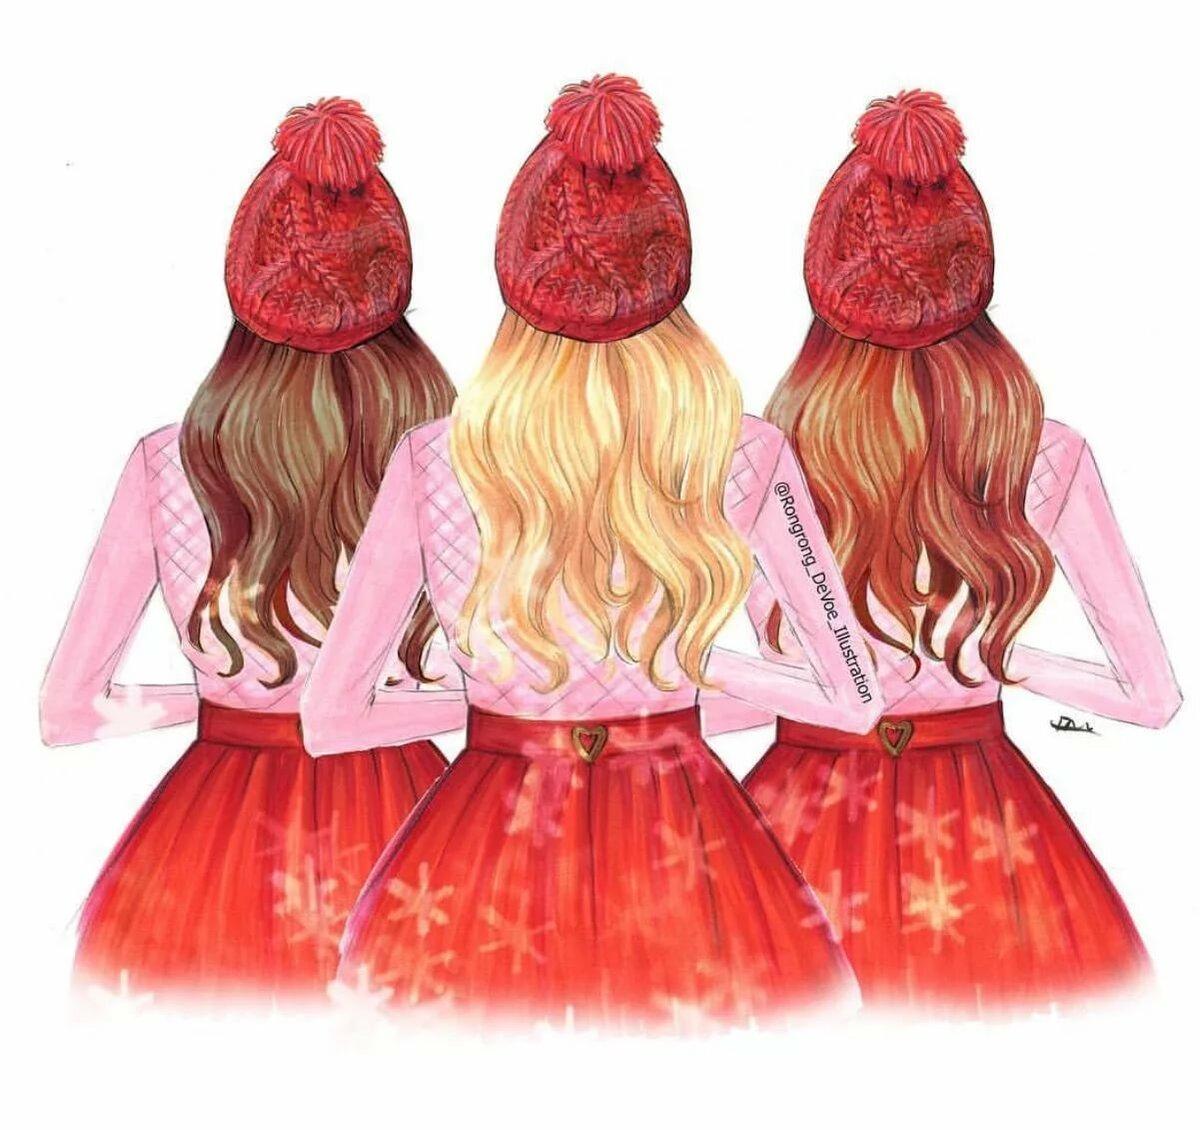 Картинка с тремя девушками прикольные нарисованные, большая открытка своими